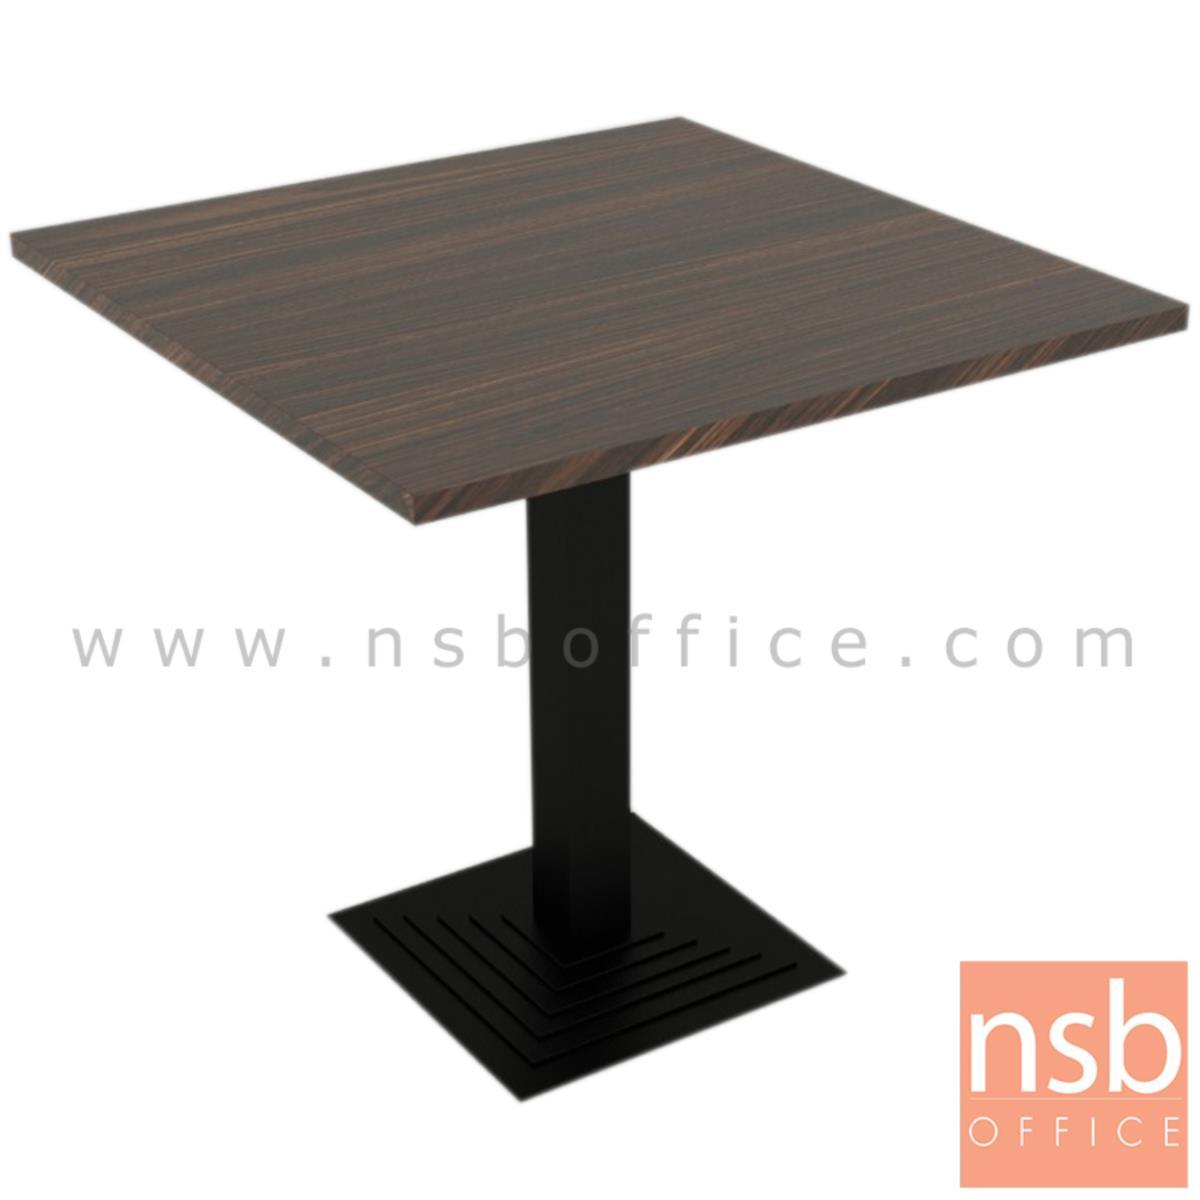 A05A205:โต๊ะประชุมทรงสี่เหลี่ยมเล็ก รุ่น BERLIN (เบอร์ลิน) ขนาด 80W cm. เมลามีน สีดำ-มอคค่าวอลนัท